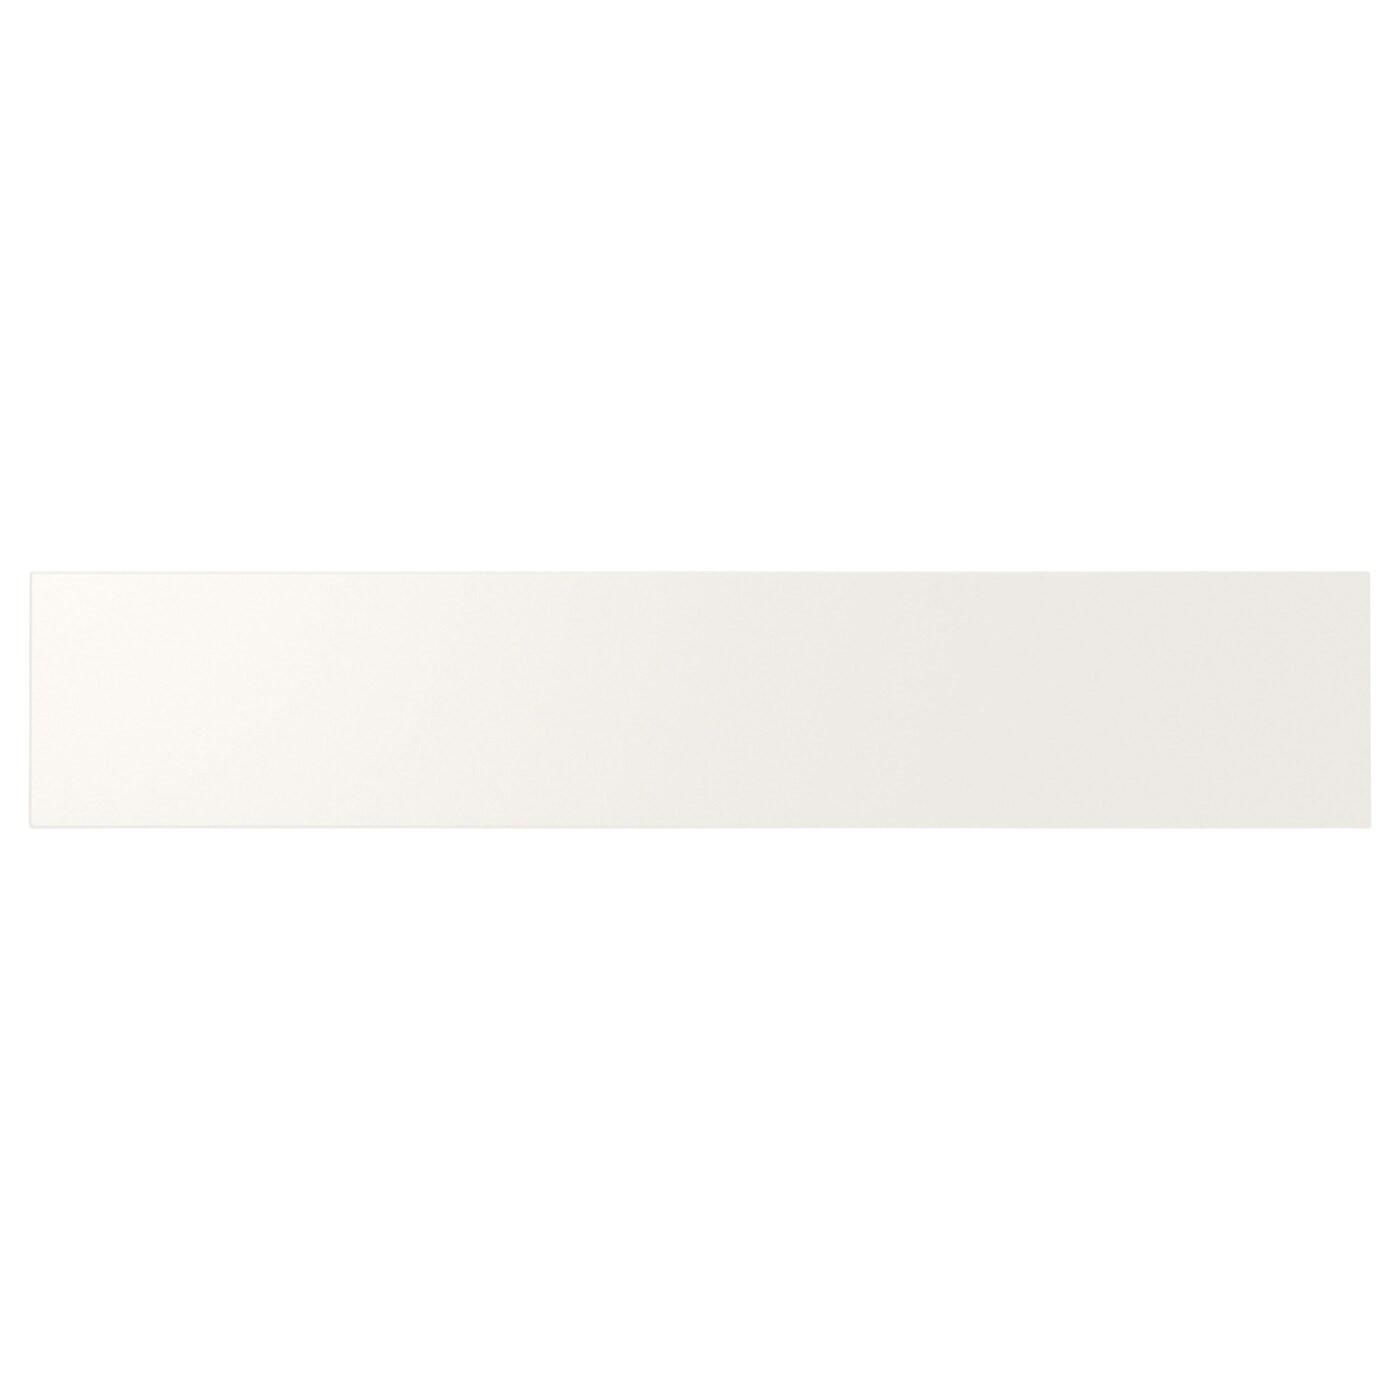 IKEA UTRUSTA фронтальная панель ящика, средняя белый 75.5x14.5 см 402.214.53